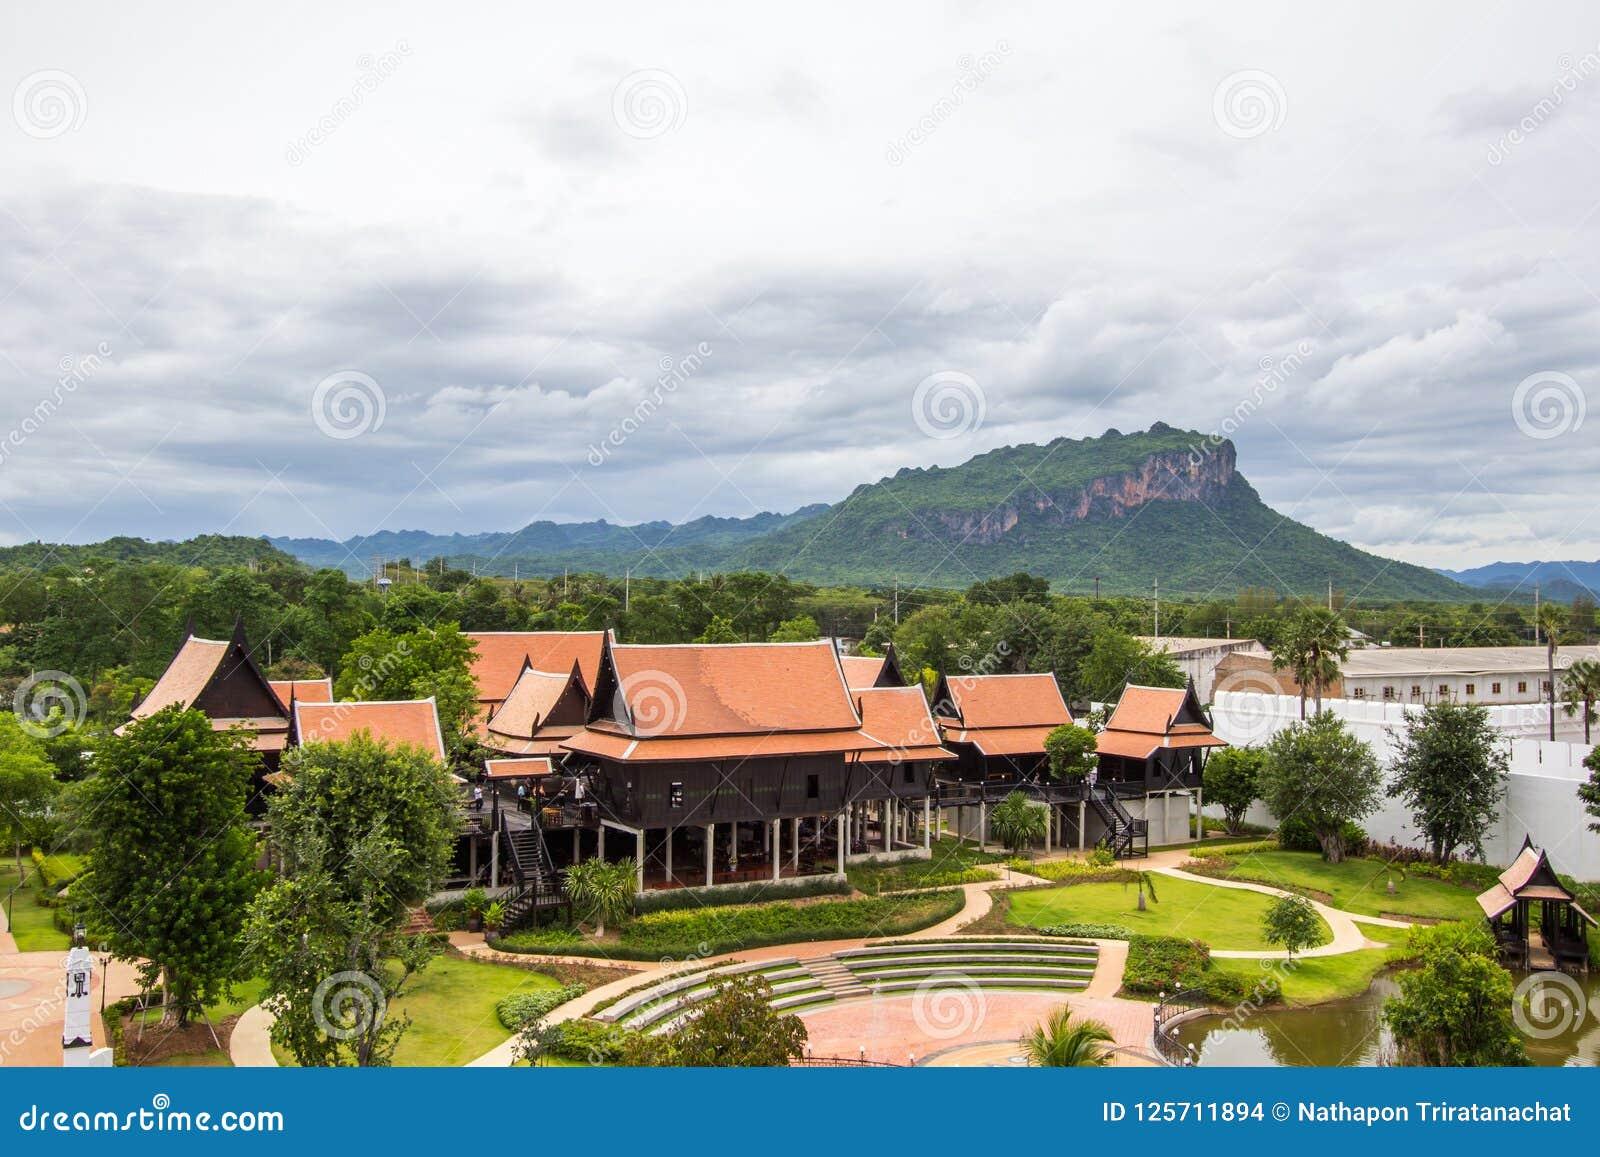 Distrito de Saiyok, província de Kanchanaburi, Tailândia em julho 9,2017: Vistas da torre da cidade de Mallika City, A 1905 d Cid